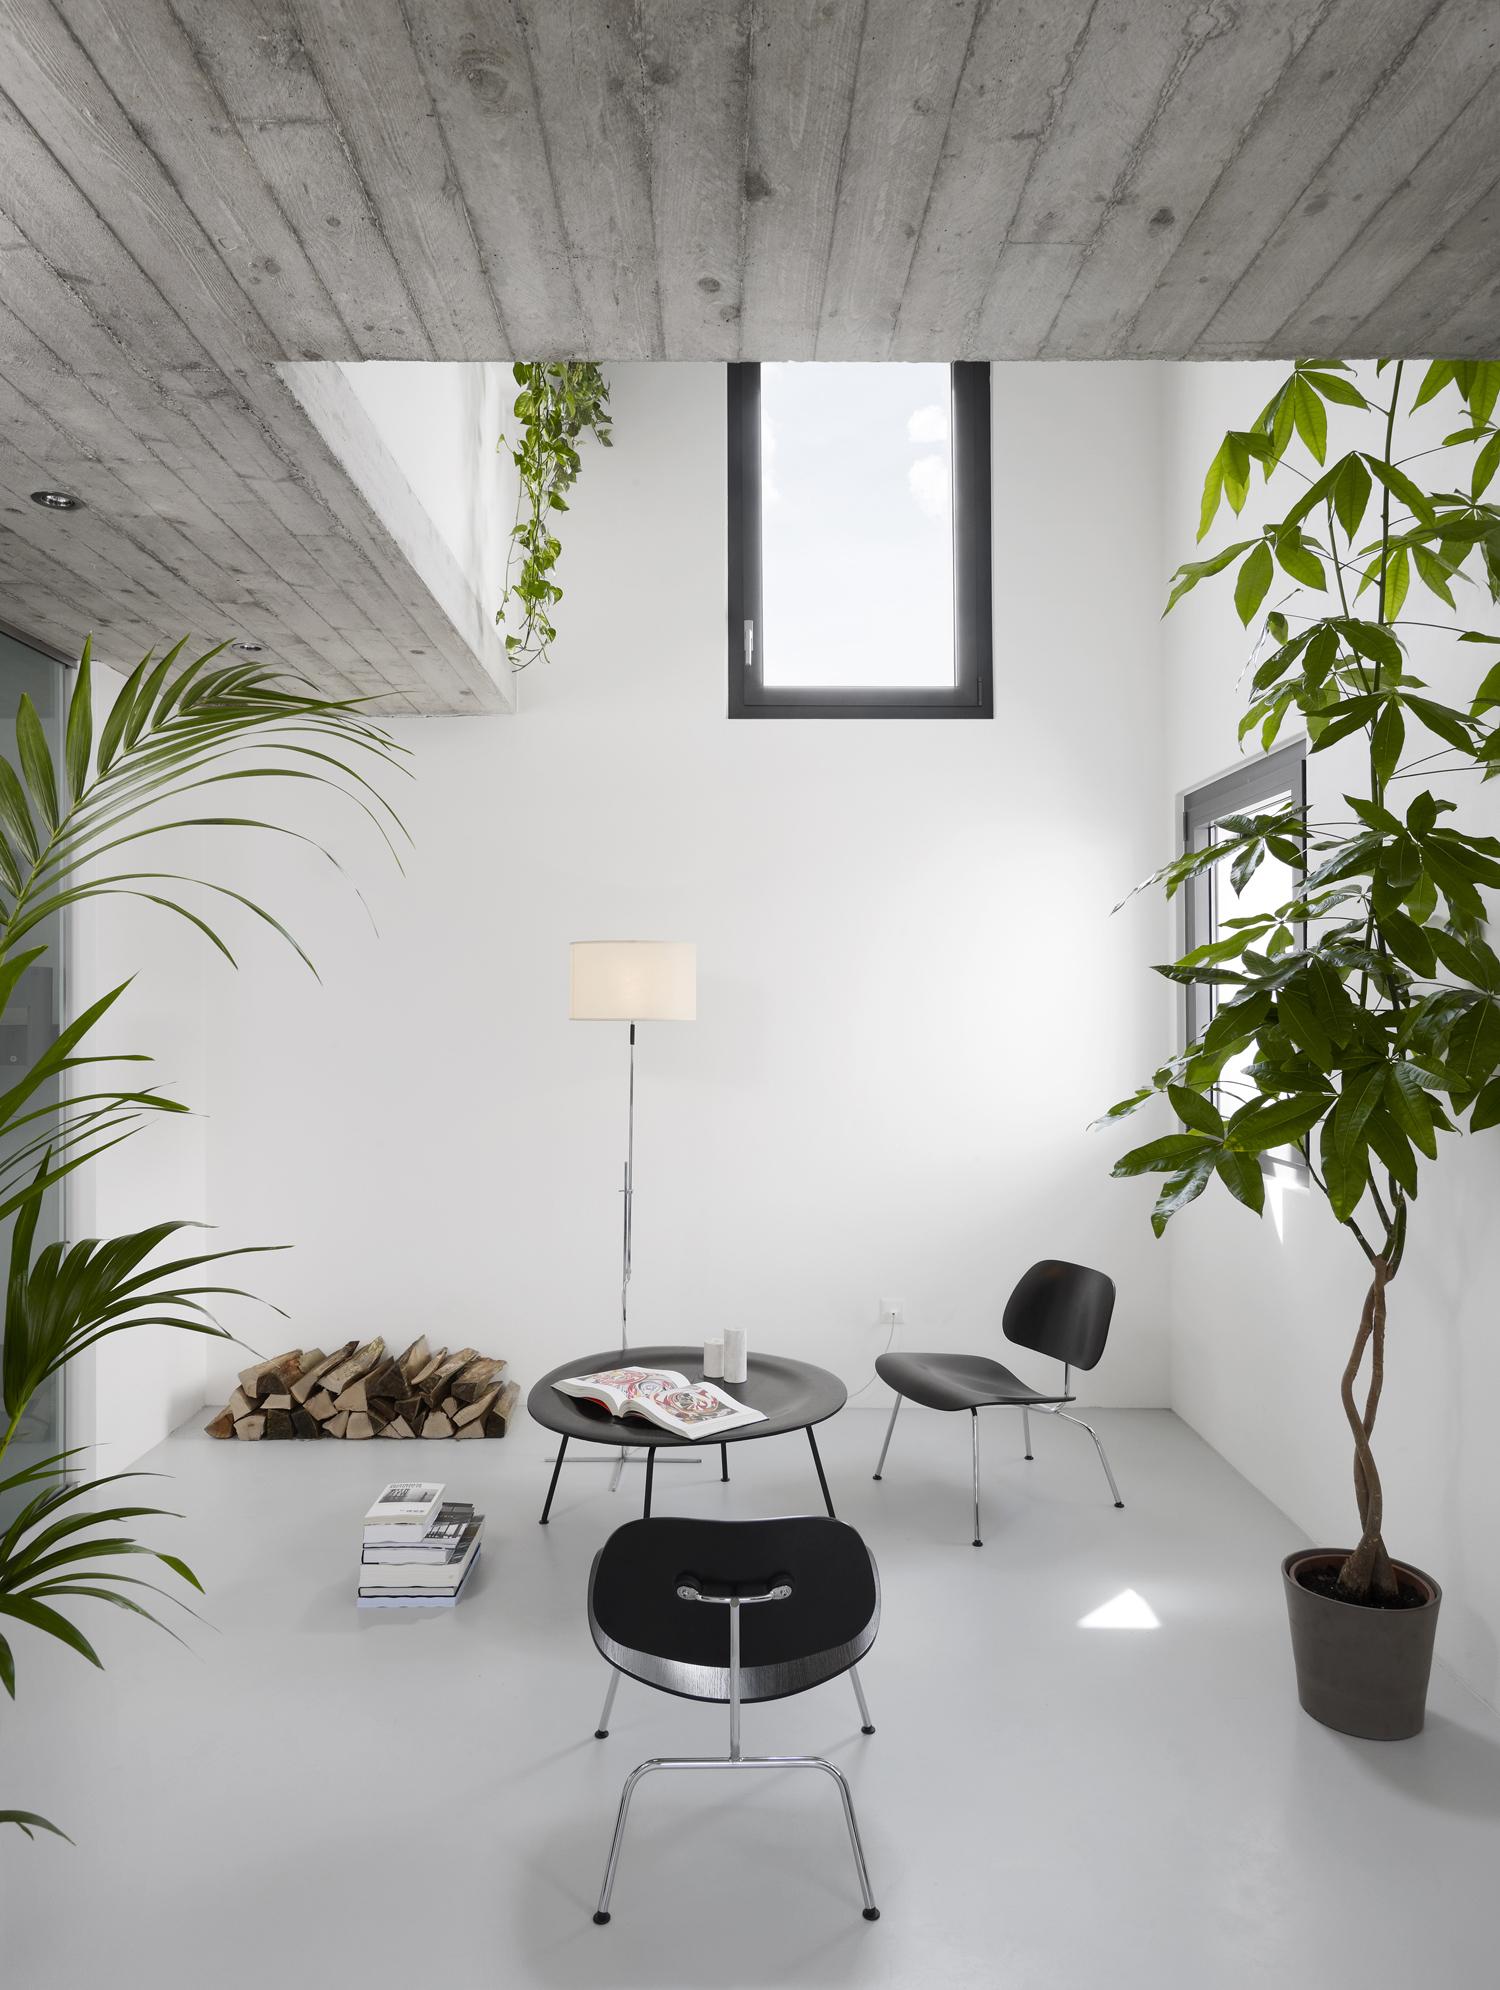 Casa Rizza / Studio inches architettura, © Tonatiuh Ambrosetti, Daniela Droz